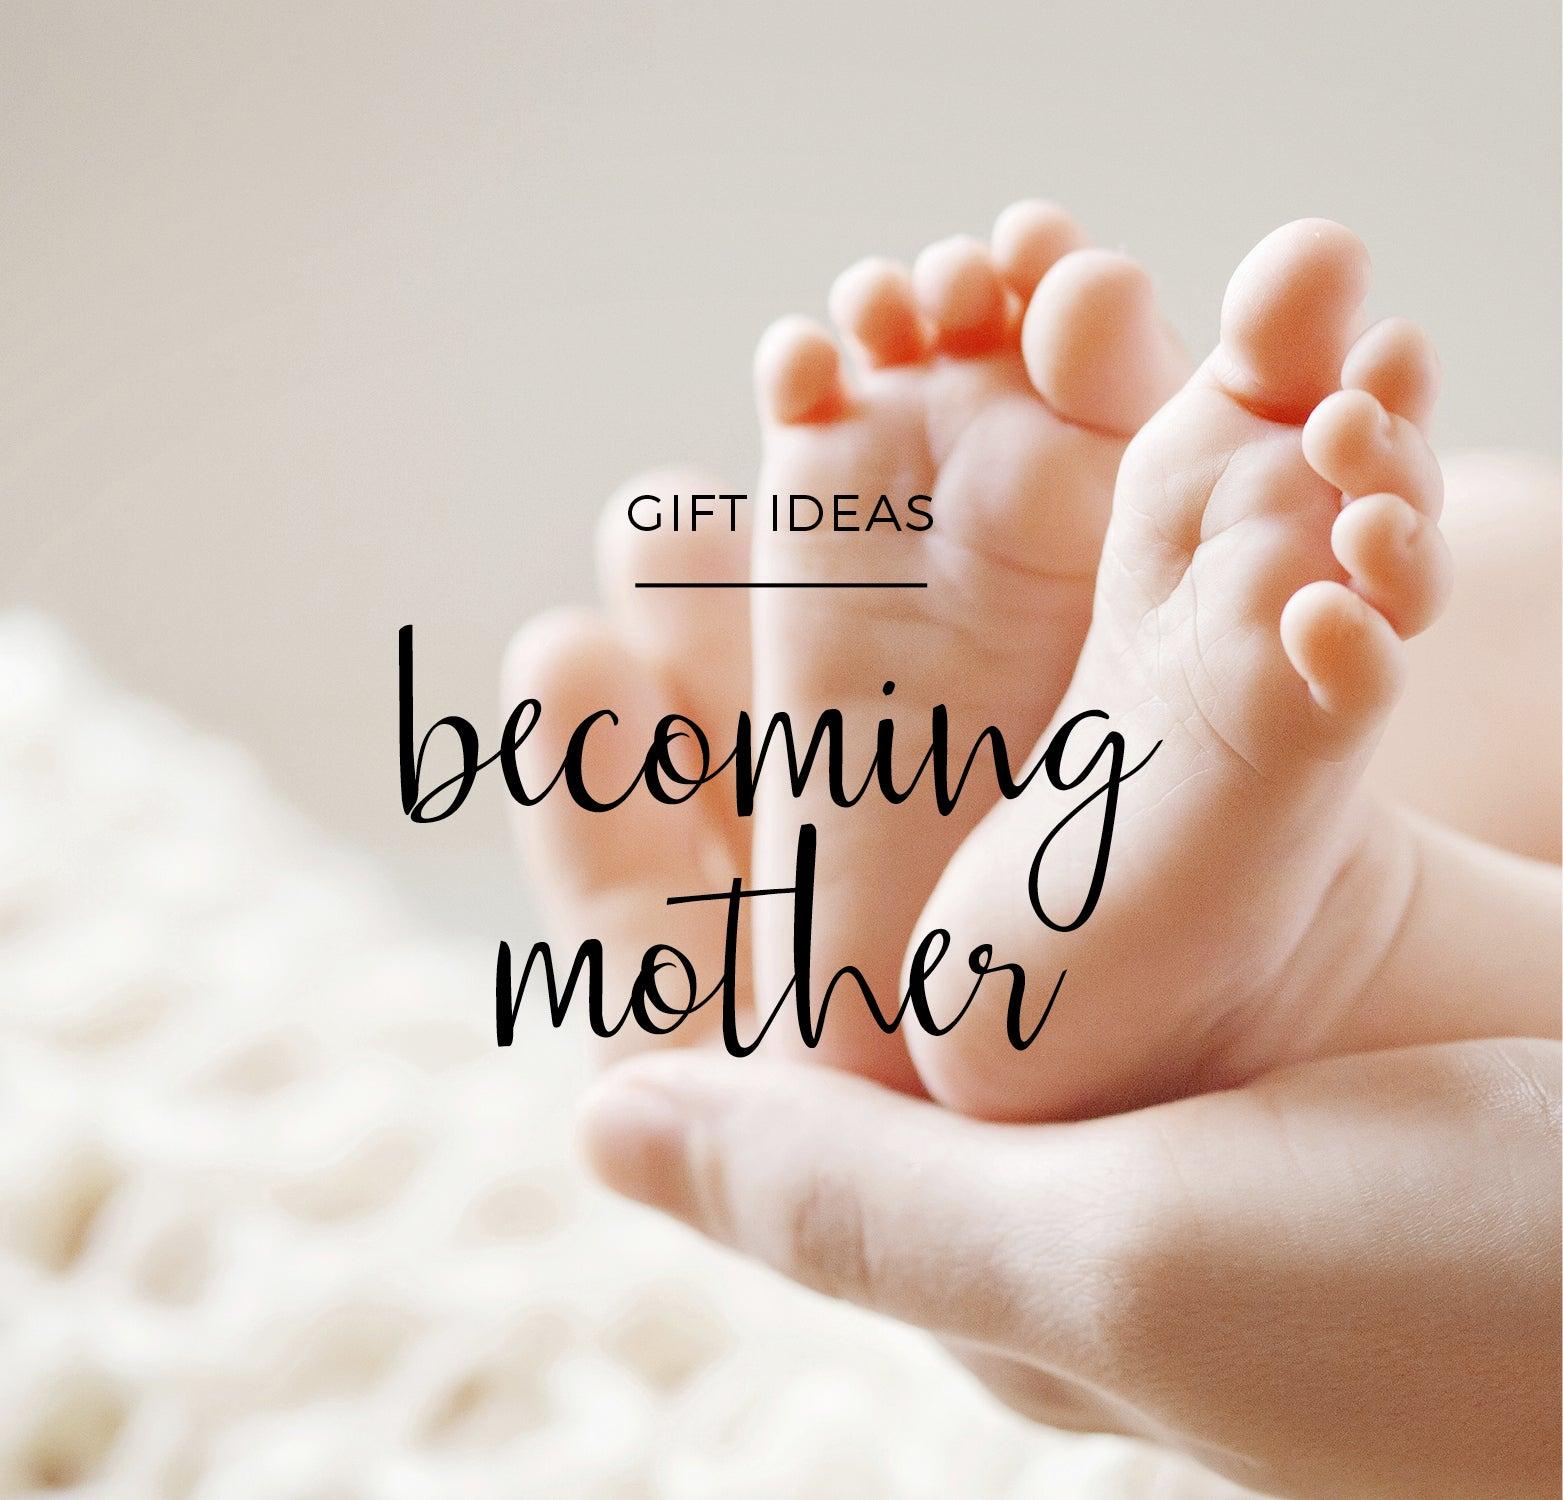 Geschenk für eine frischgebackene Mutter: Etwas Anderes als Milchfläschchen…